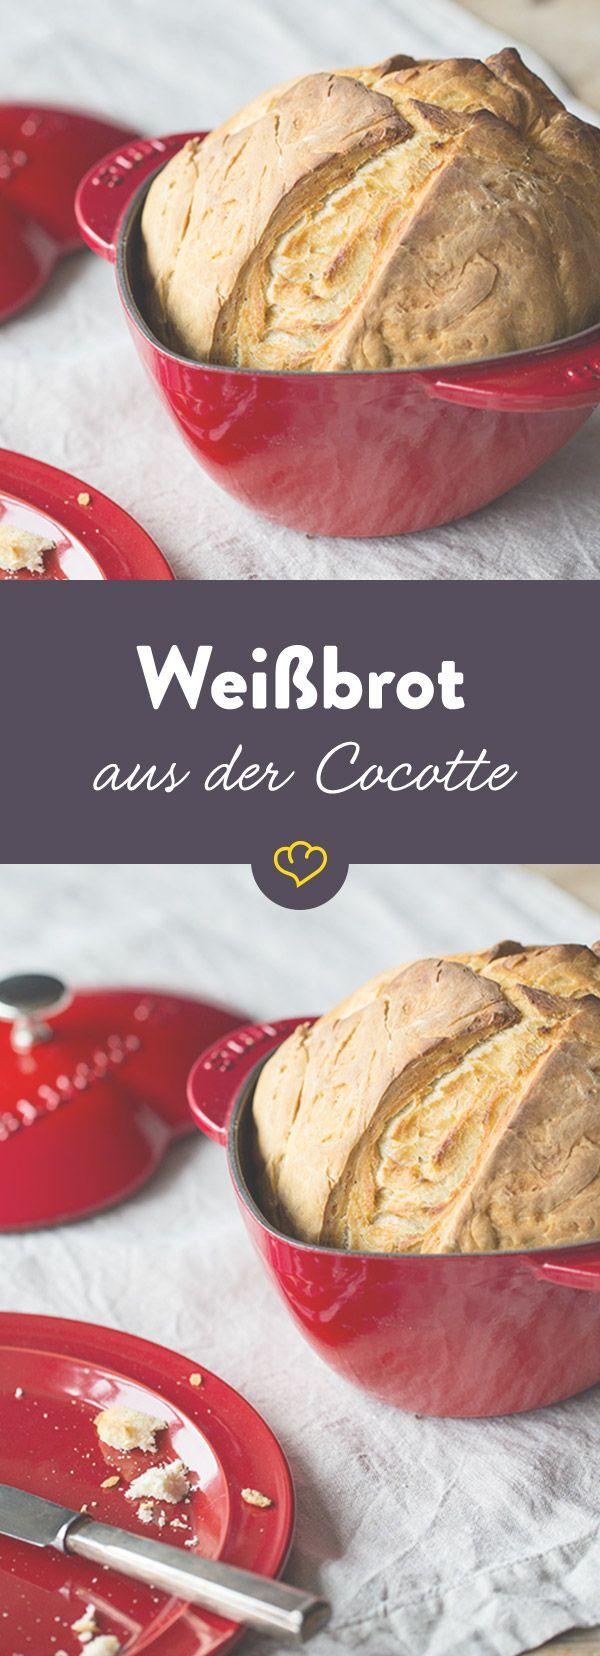 Frisch aus deiner Cocotte: Ob zum Abendbrot oder als Beilage bei einer Mahlzeit, für ein leckeres, warmes Brot findet sich immer eine Gelegenheit.